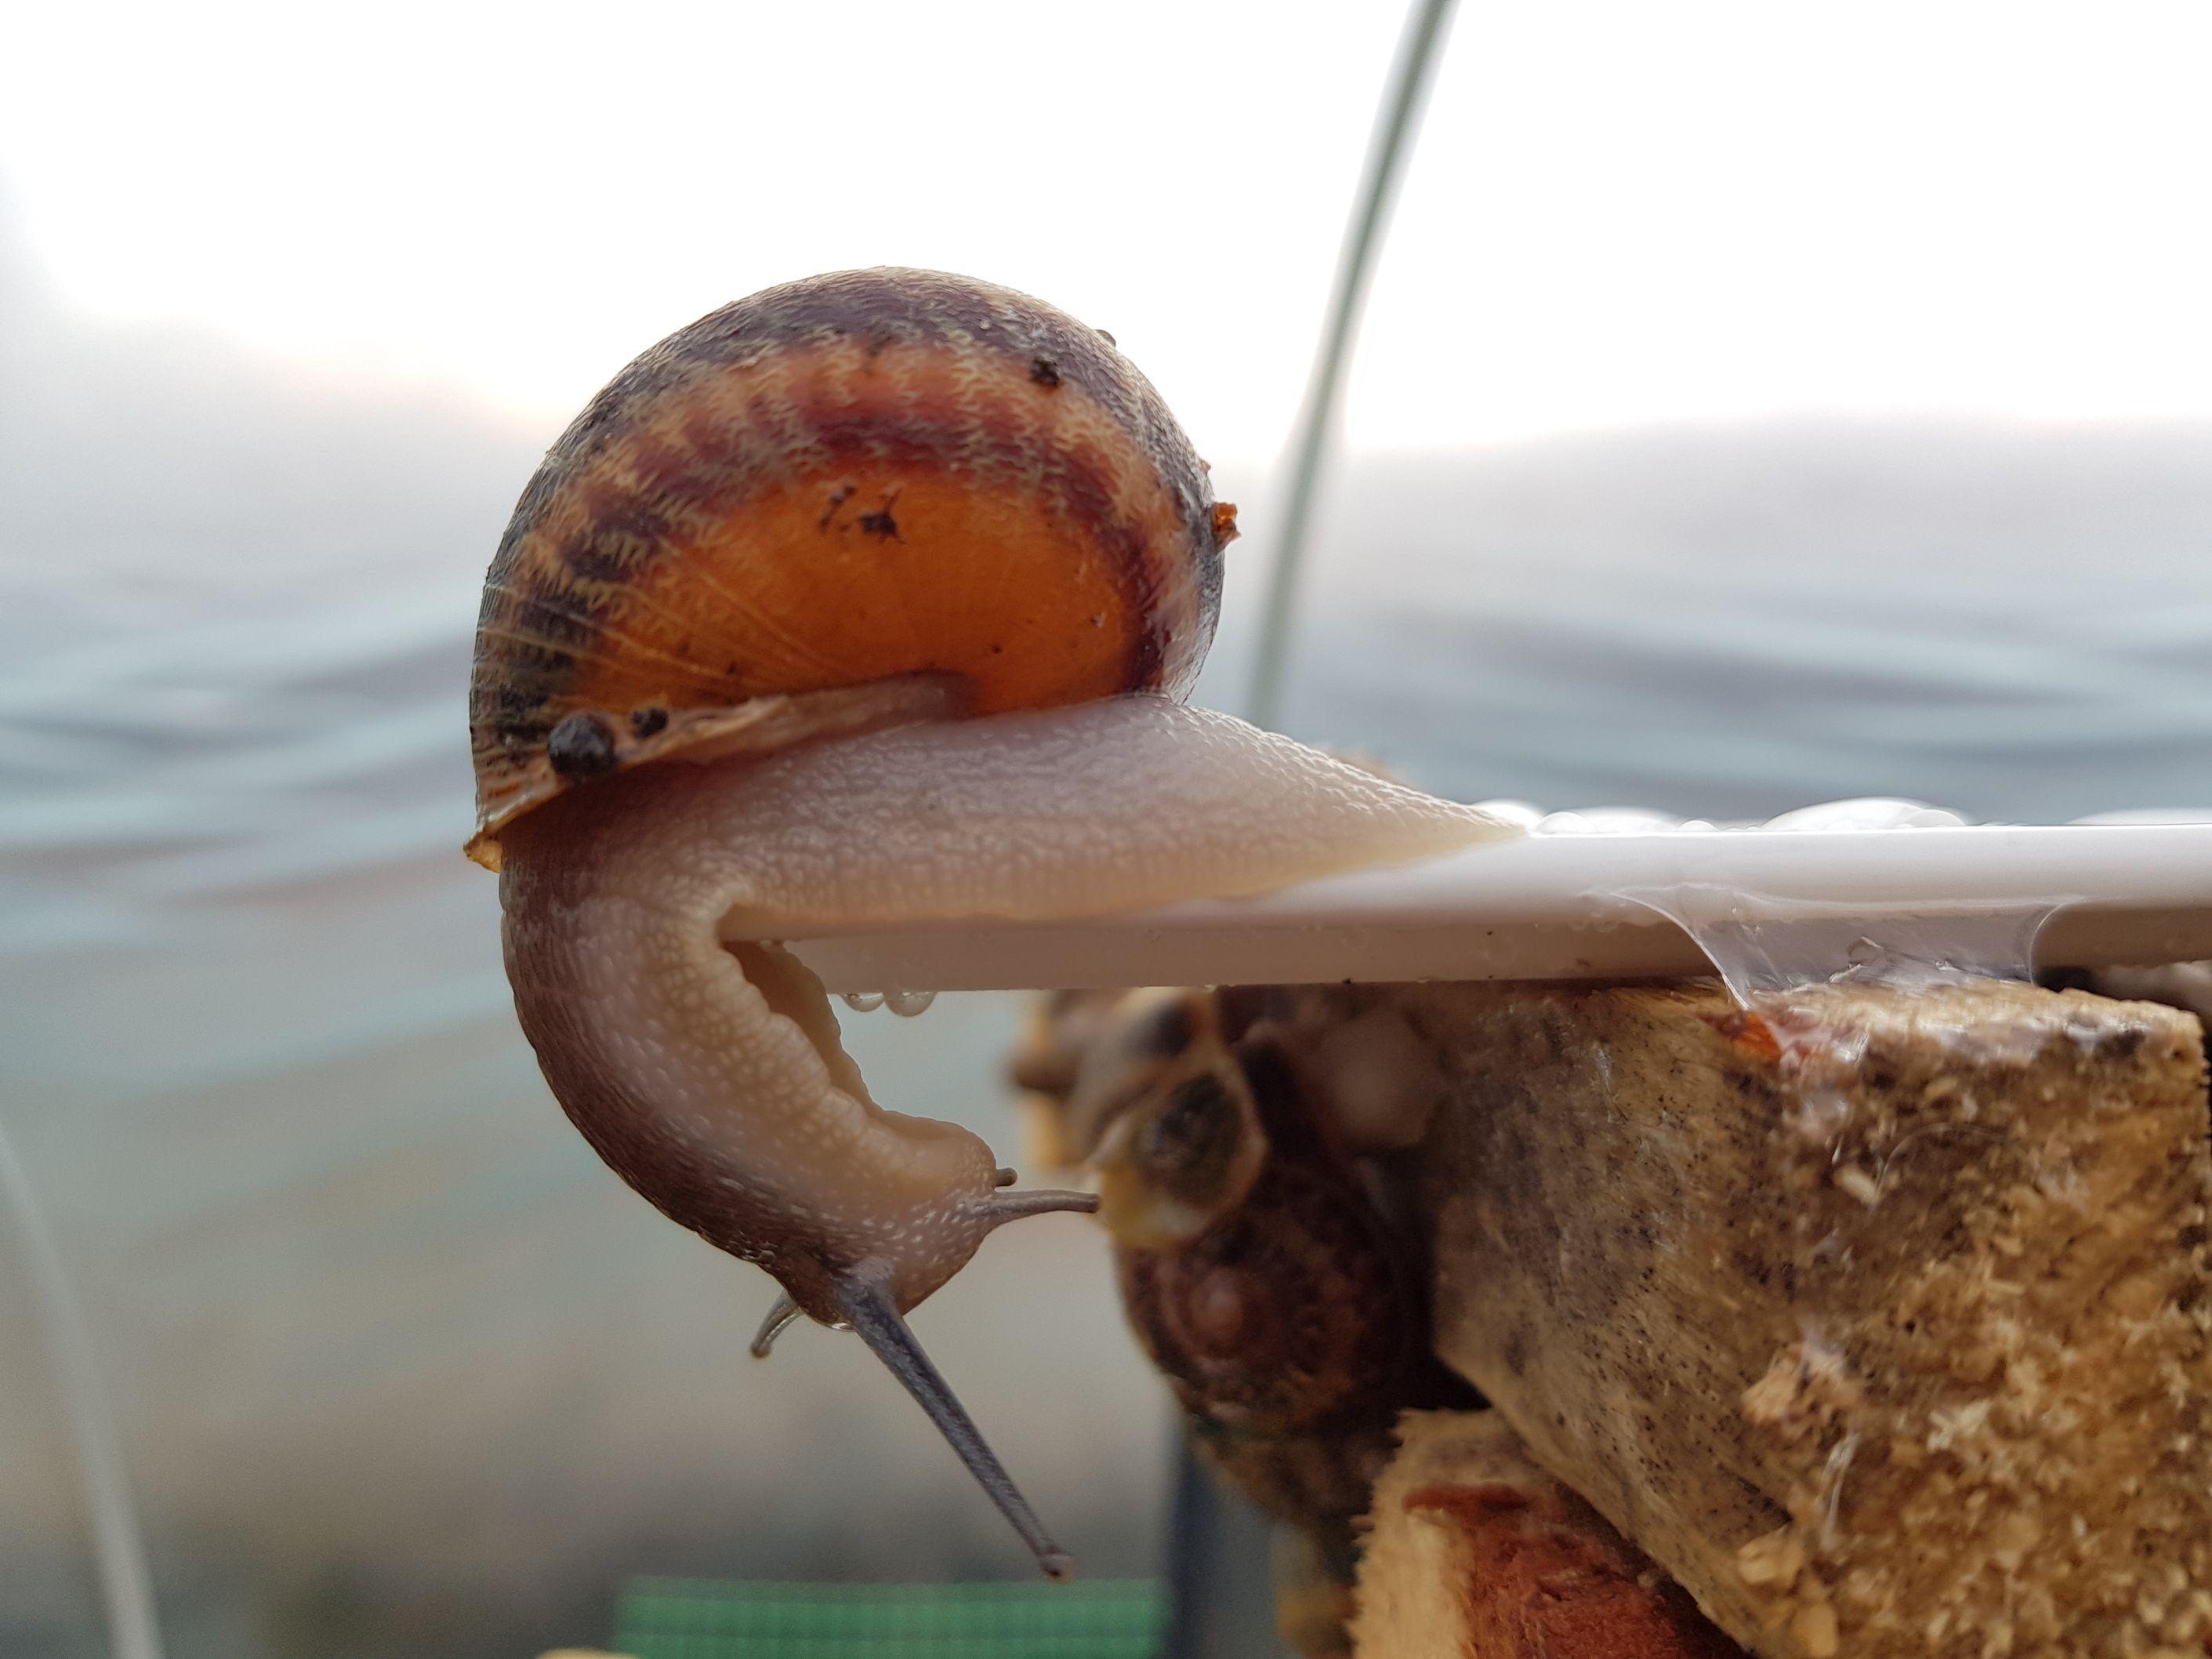 sluz slimaka snail mucus sprzedaz